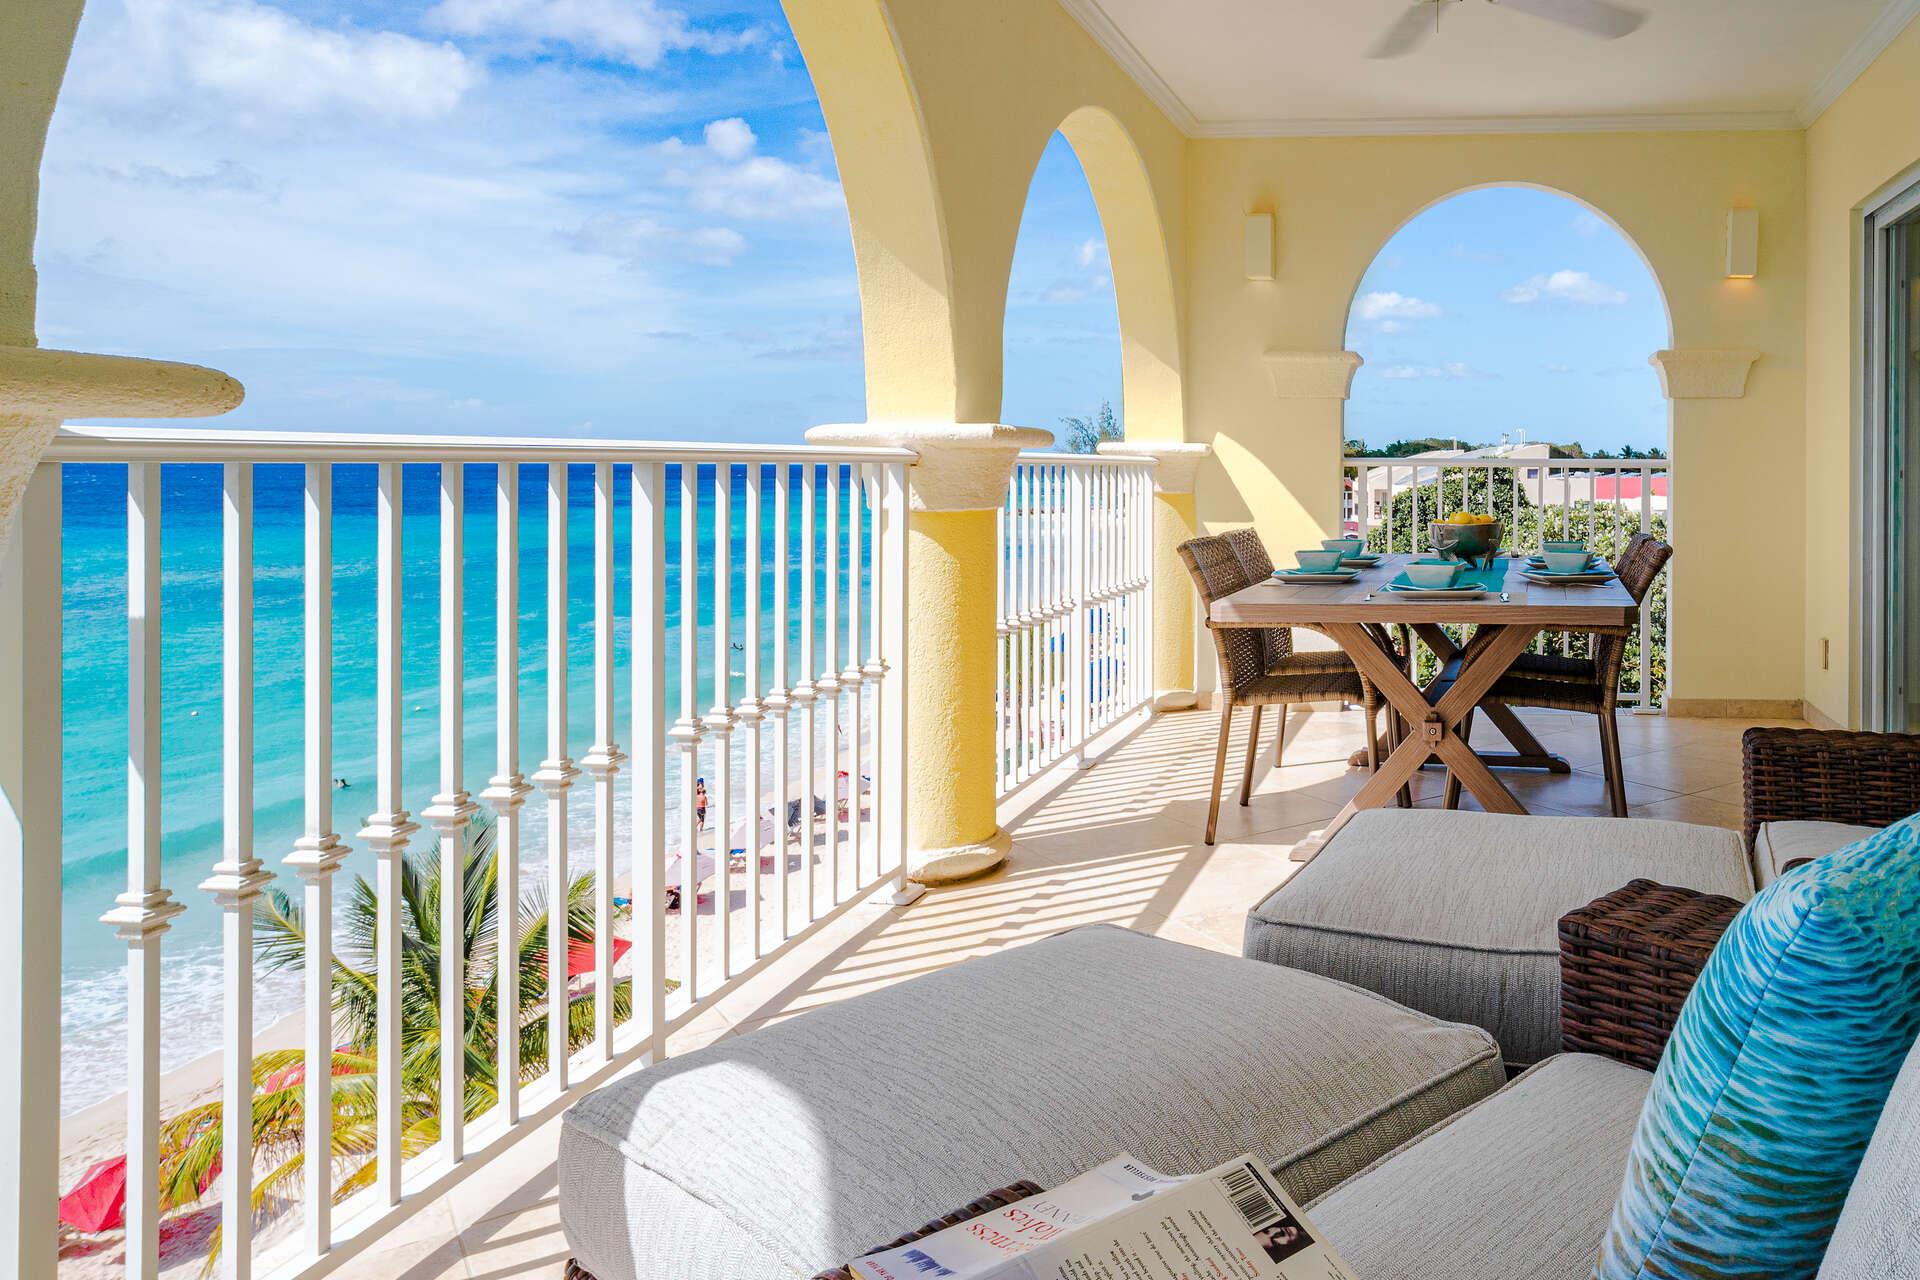 Luxury villa rentals caribbean - Barbados - Christ church - Sapphire beach condos - Sapphire Beach 401 - Image 1/10